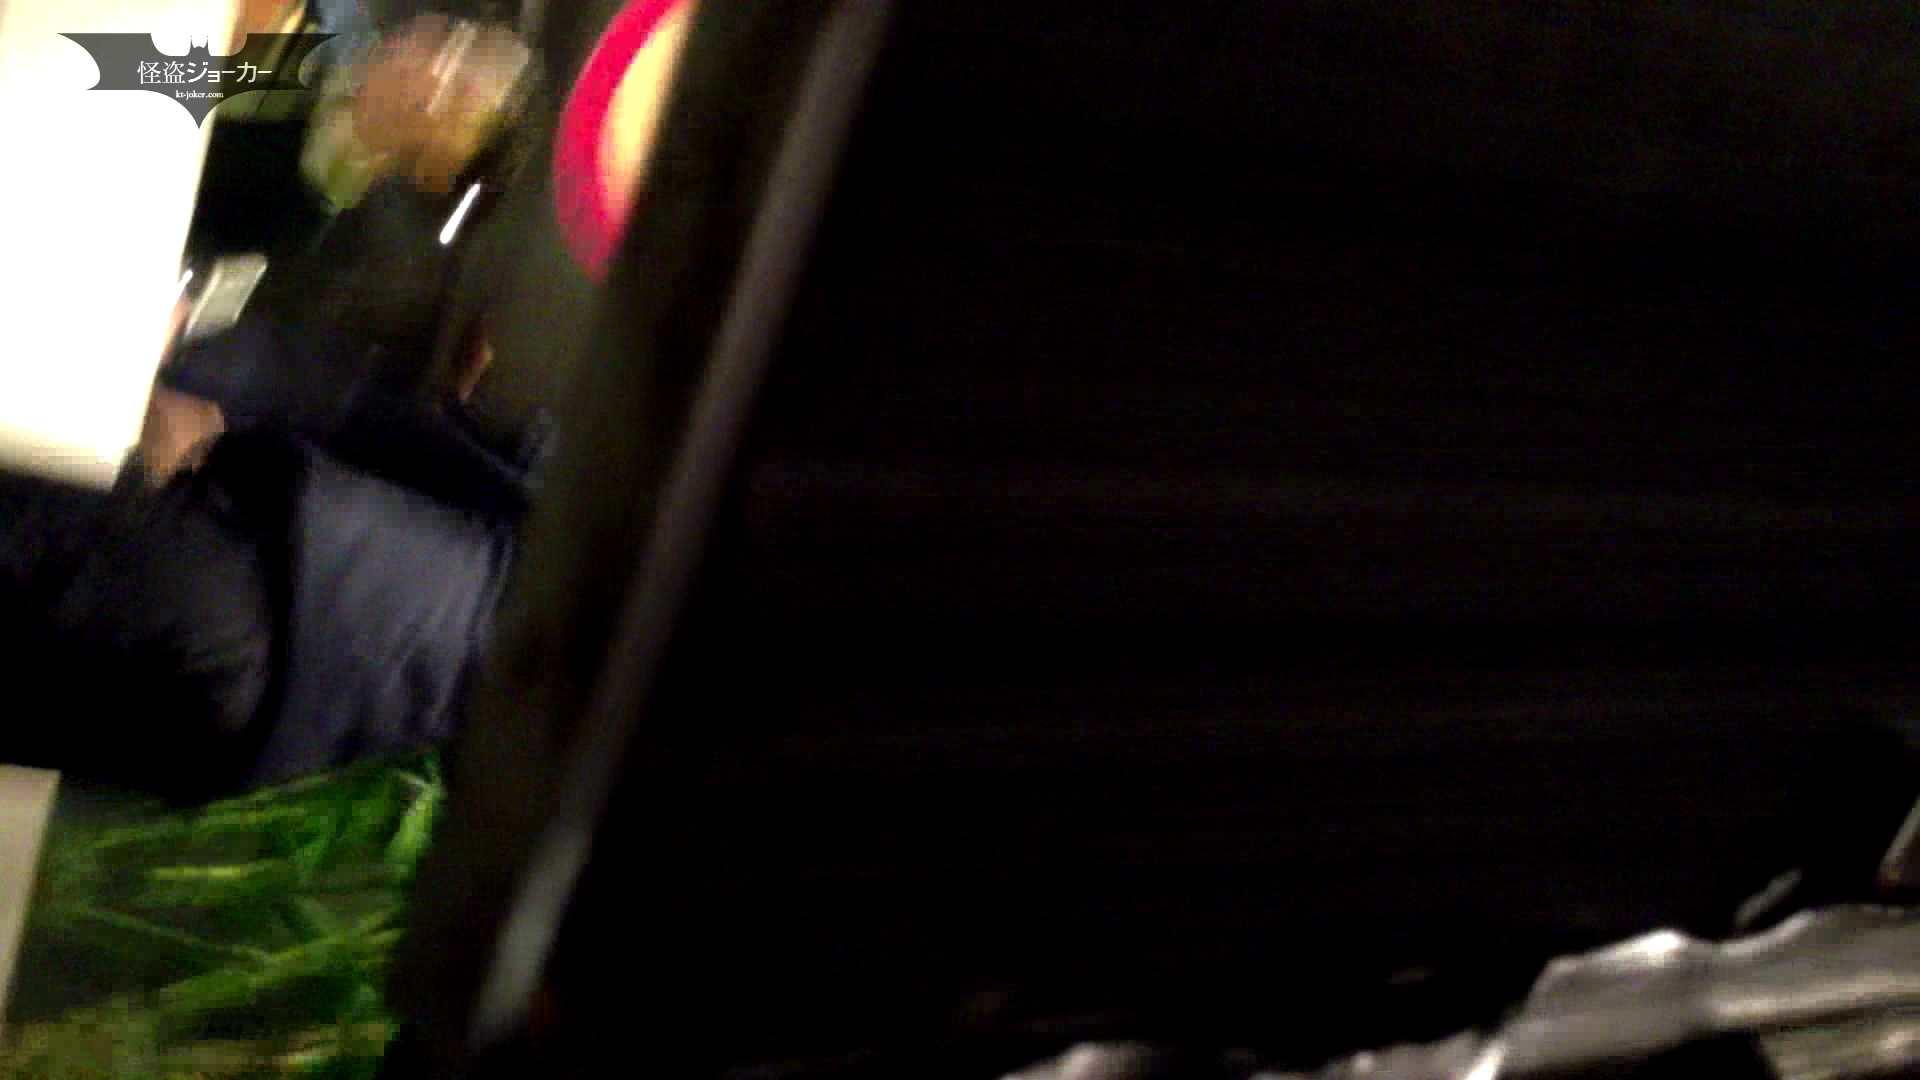 ギャルのツルピカ潜入盗撮!Vol.05 OLのボディ AV無料動画キャプチャ 84PIX 59